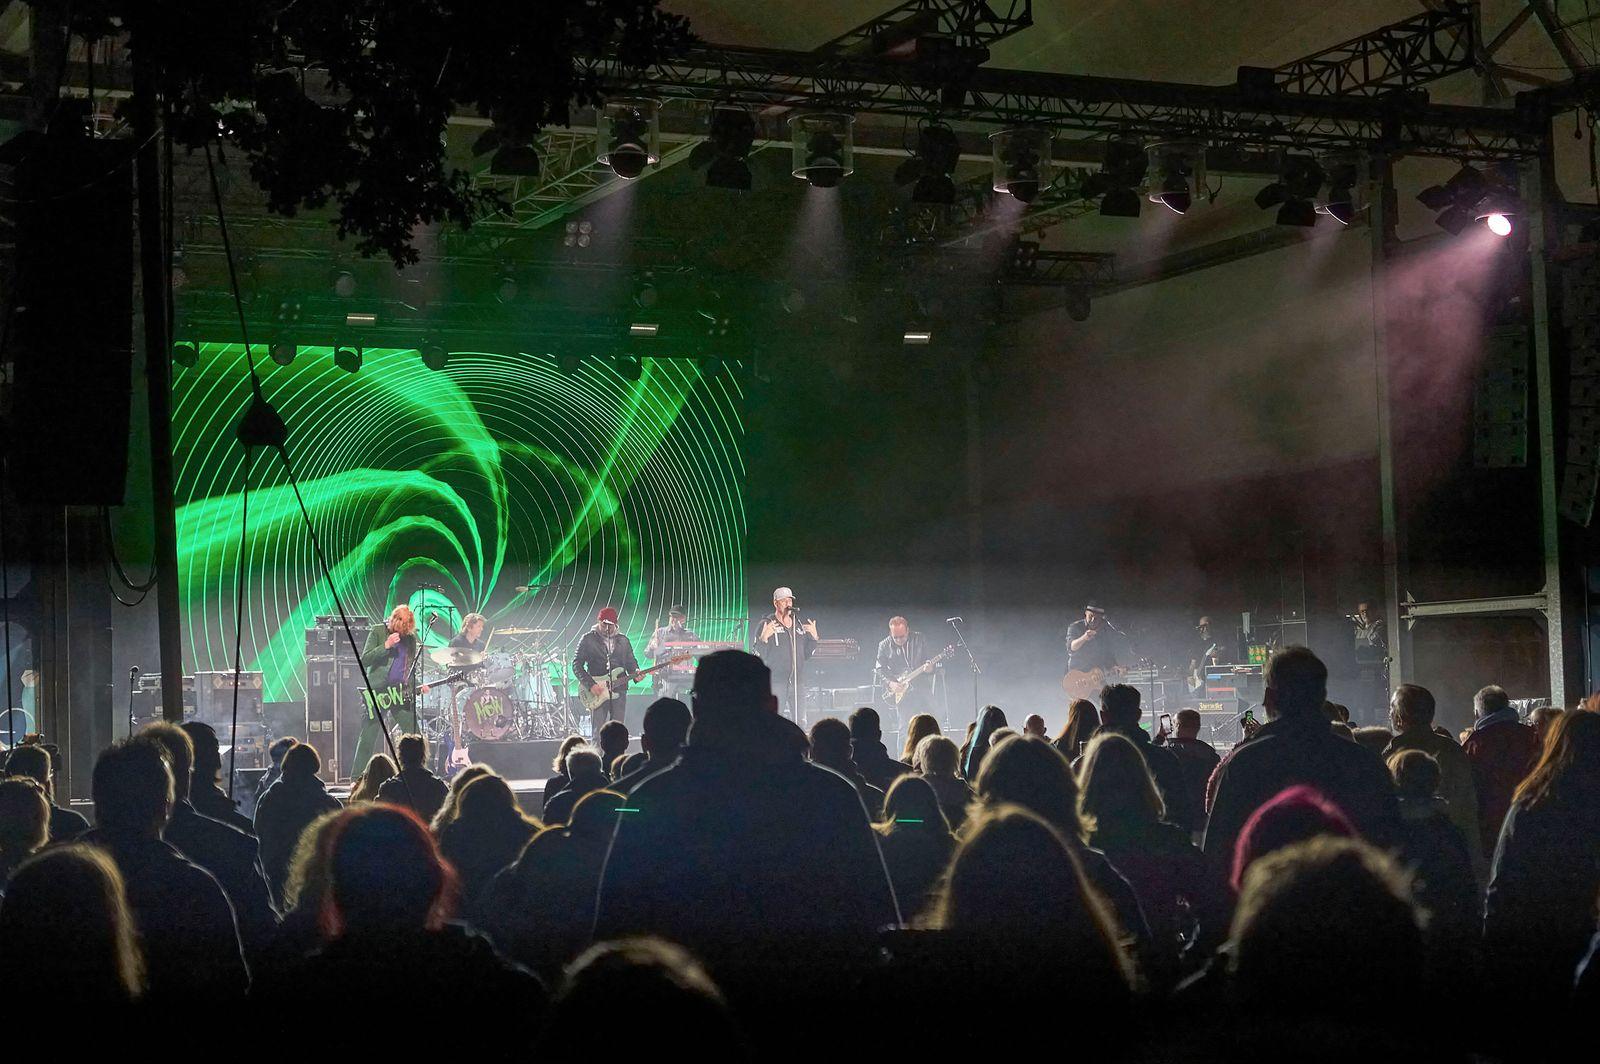 Testkonzert mit Fury in the Slaughterhouse im Rahmen der Konzertreihe Back to Culture in Verbindung mit einer Teststudi